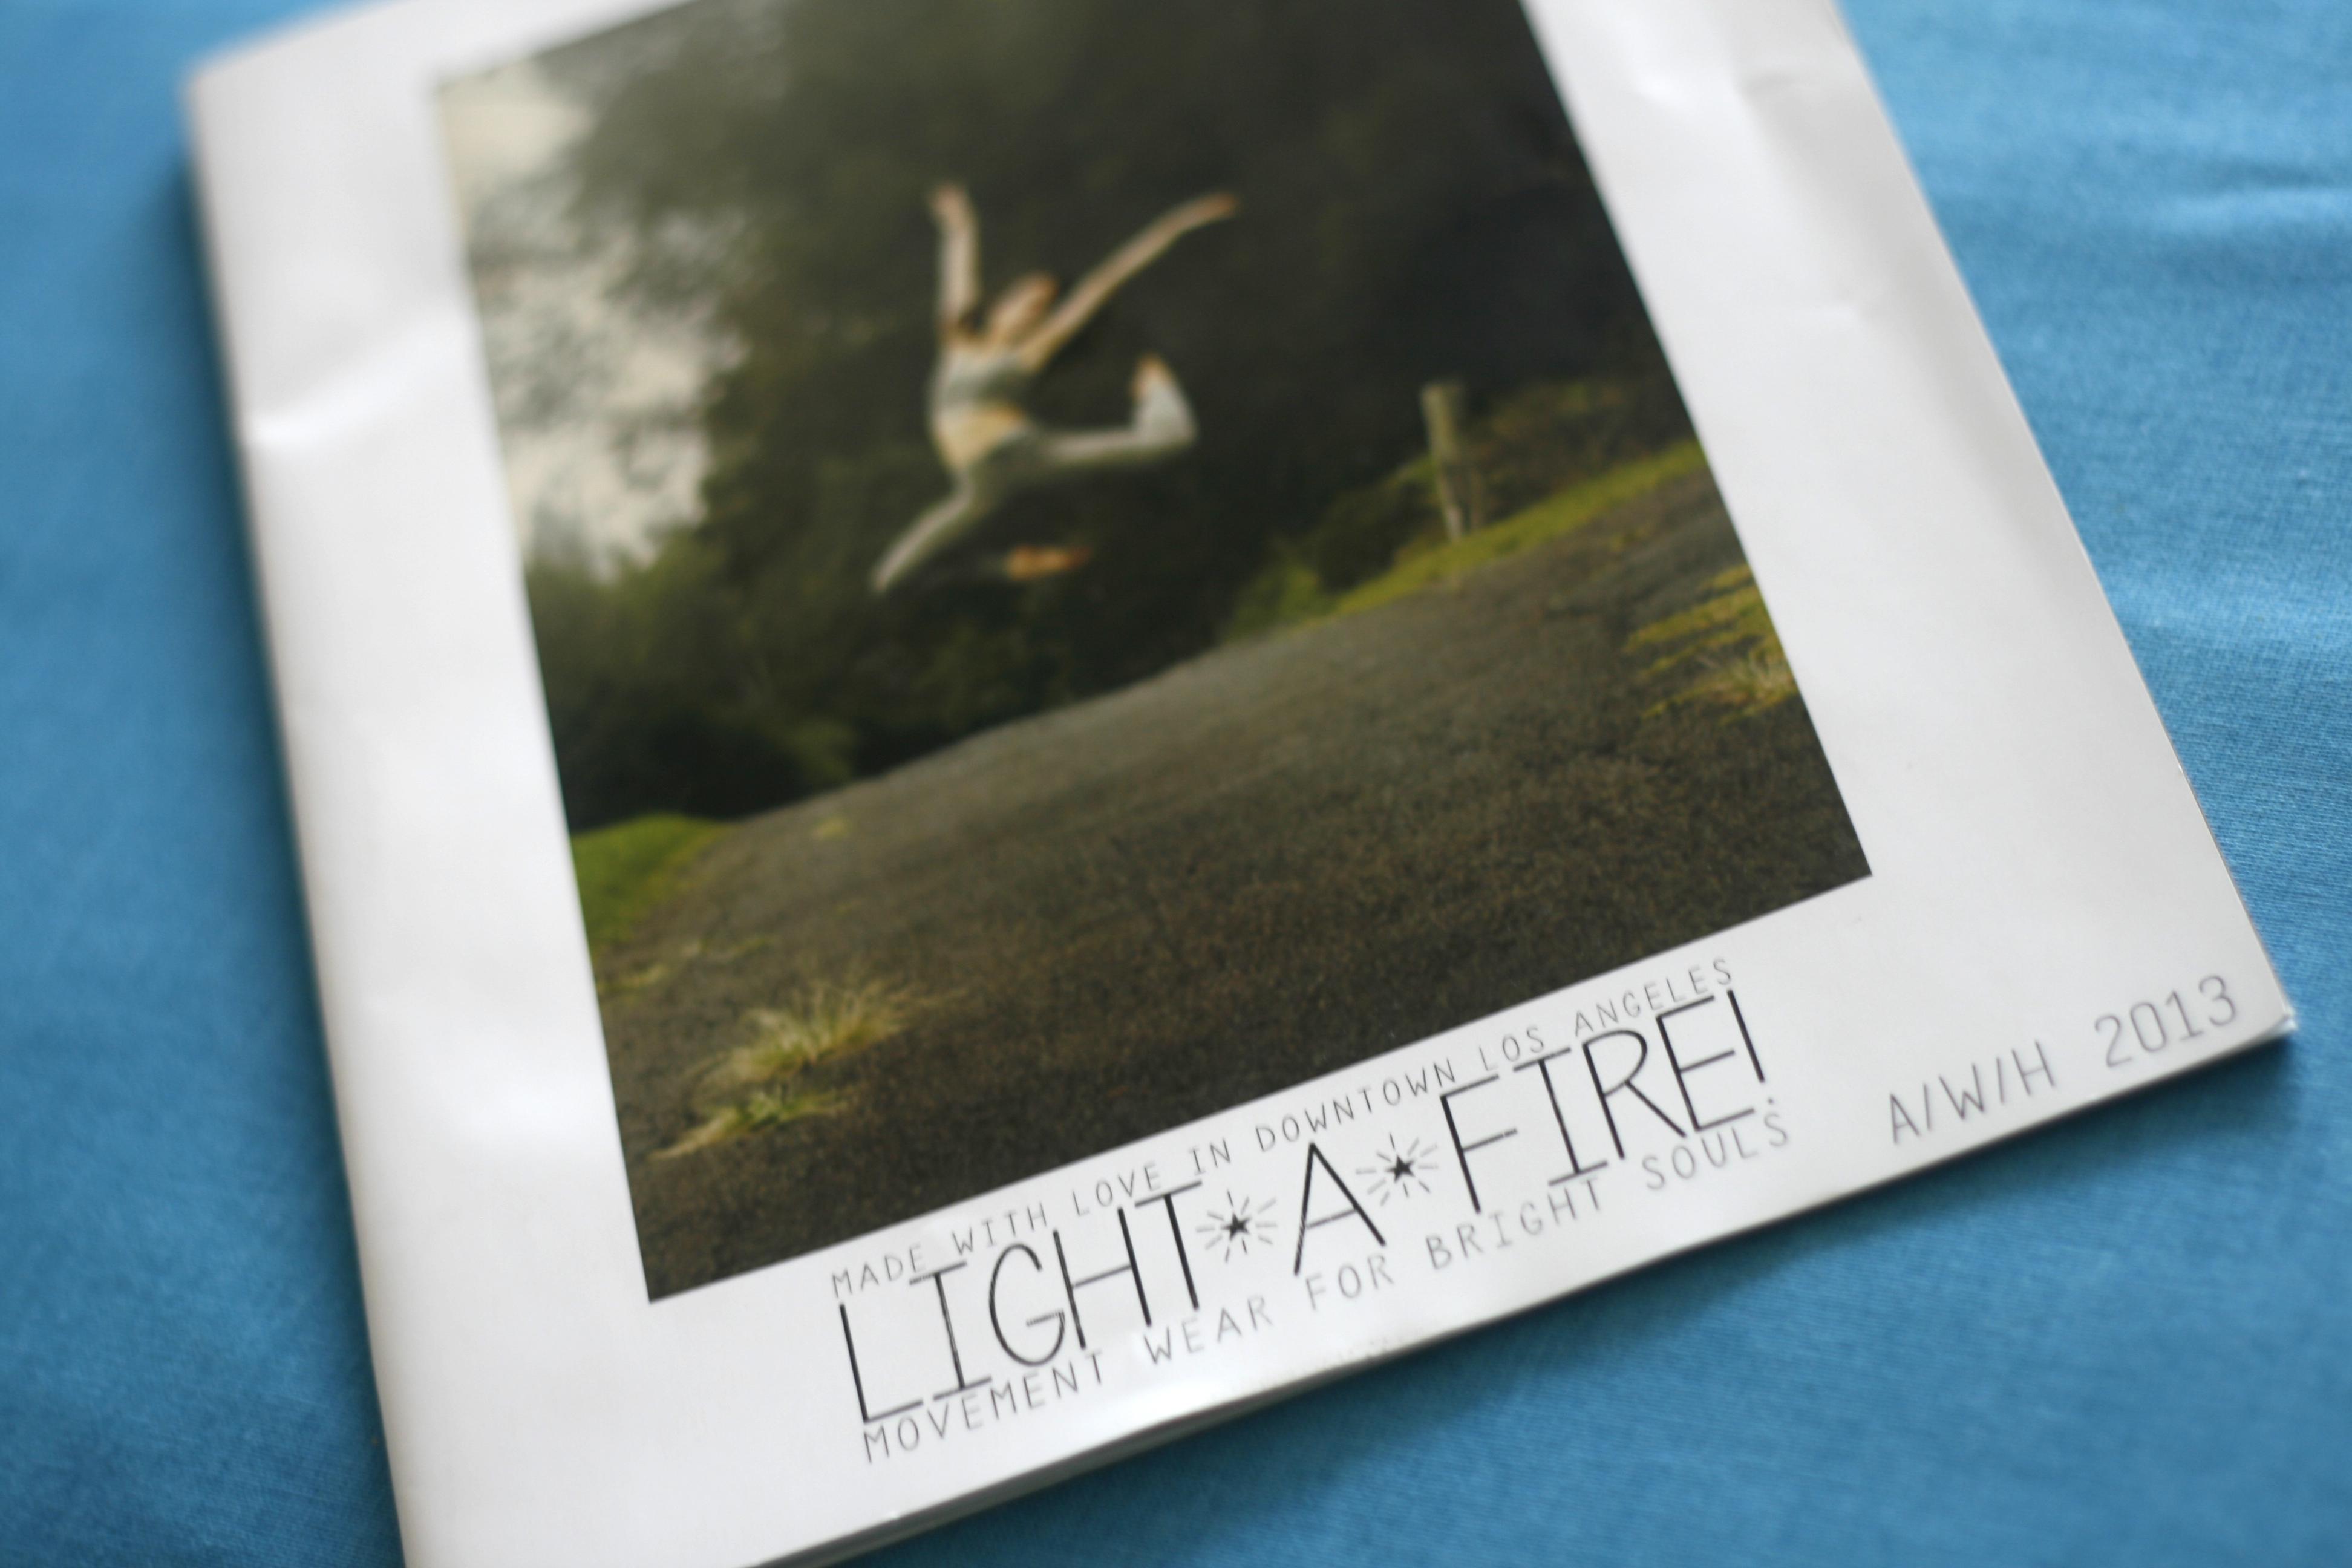 Light A Fire Movement 2013 Lookbook